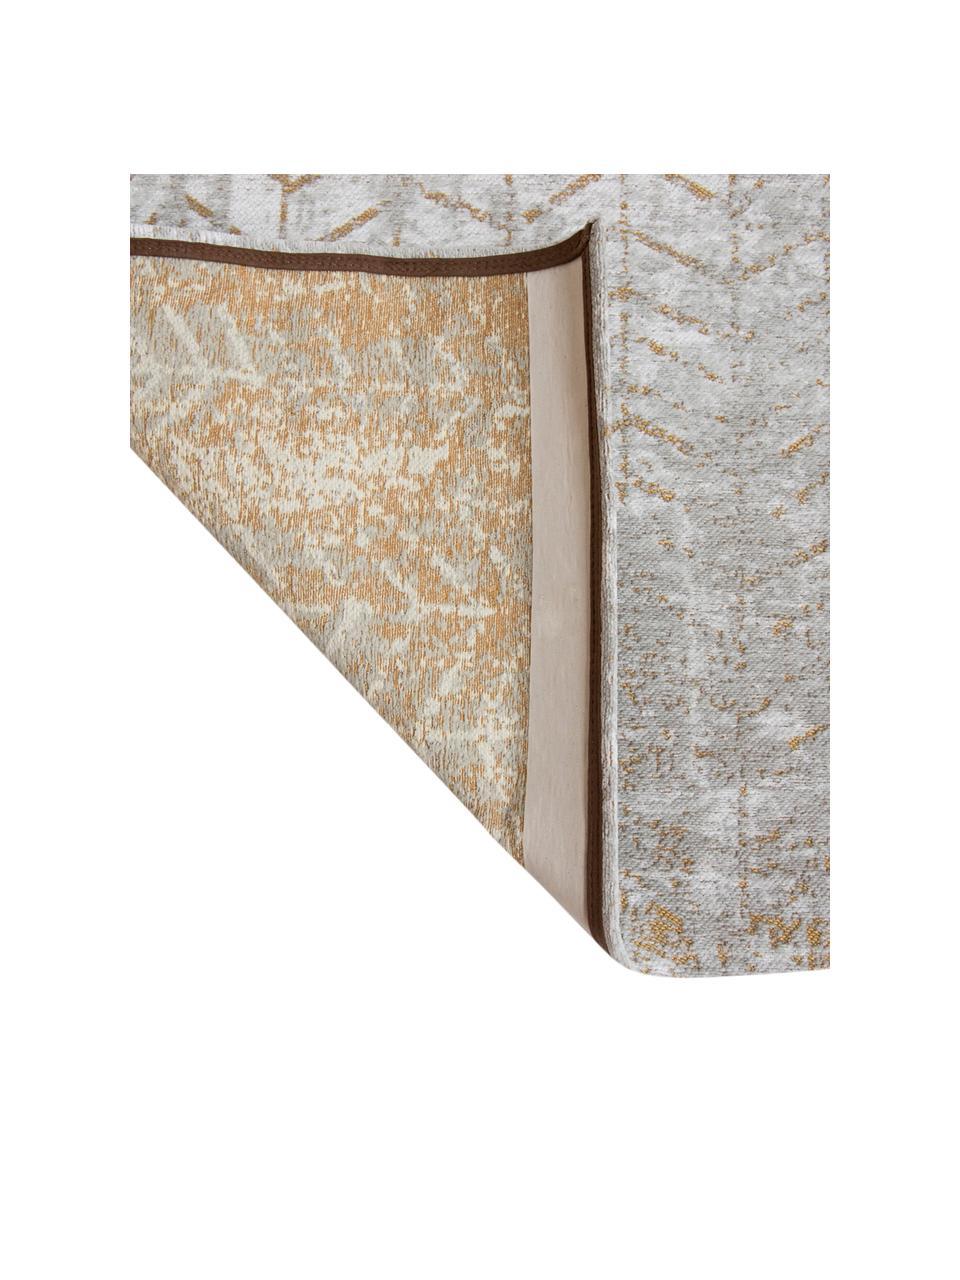 Dywan J. Ladder, Odcienie szarego, złamana biel, odcienie złotego, S 140 x D 200 cm (Rozmiar S)